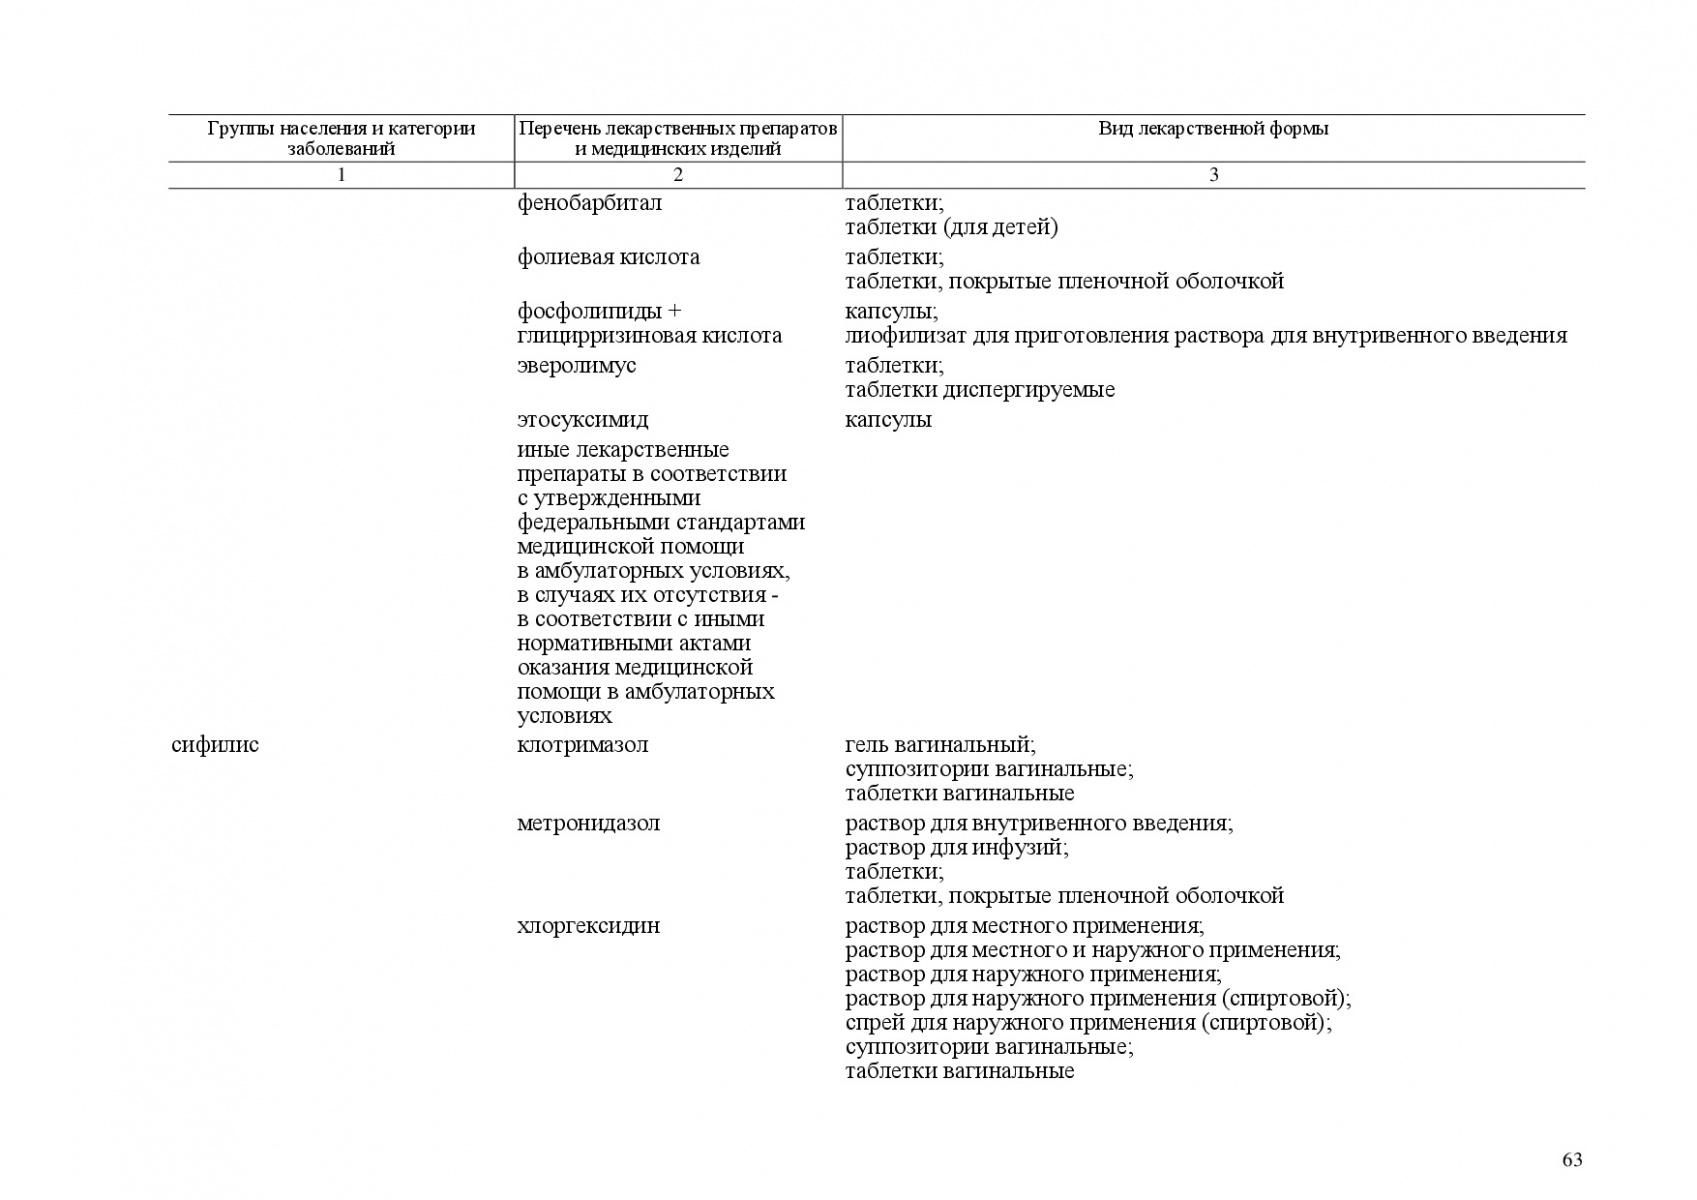 Prilozhenie-6-127-OD-063